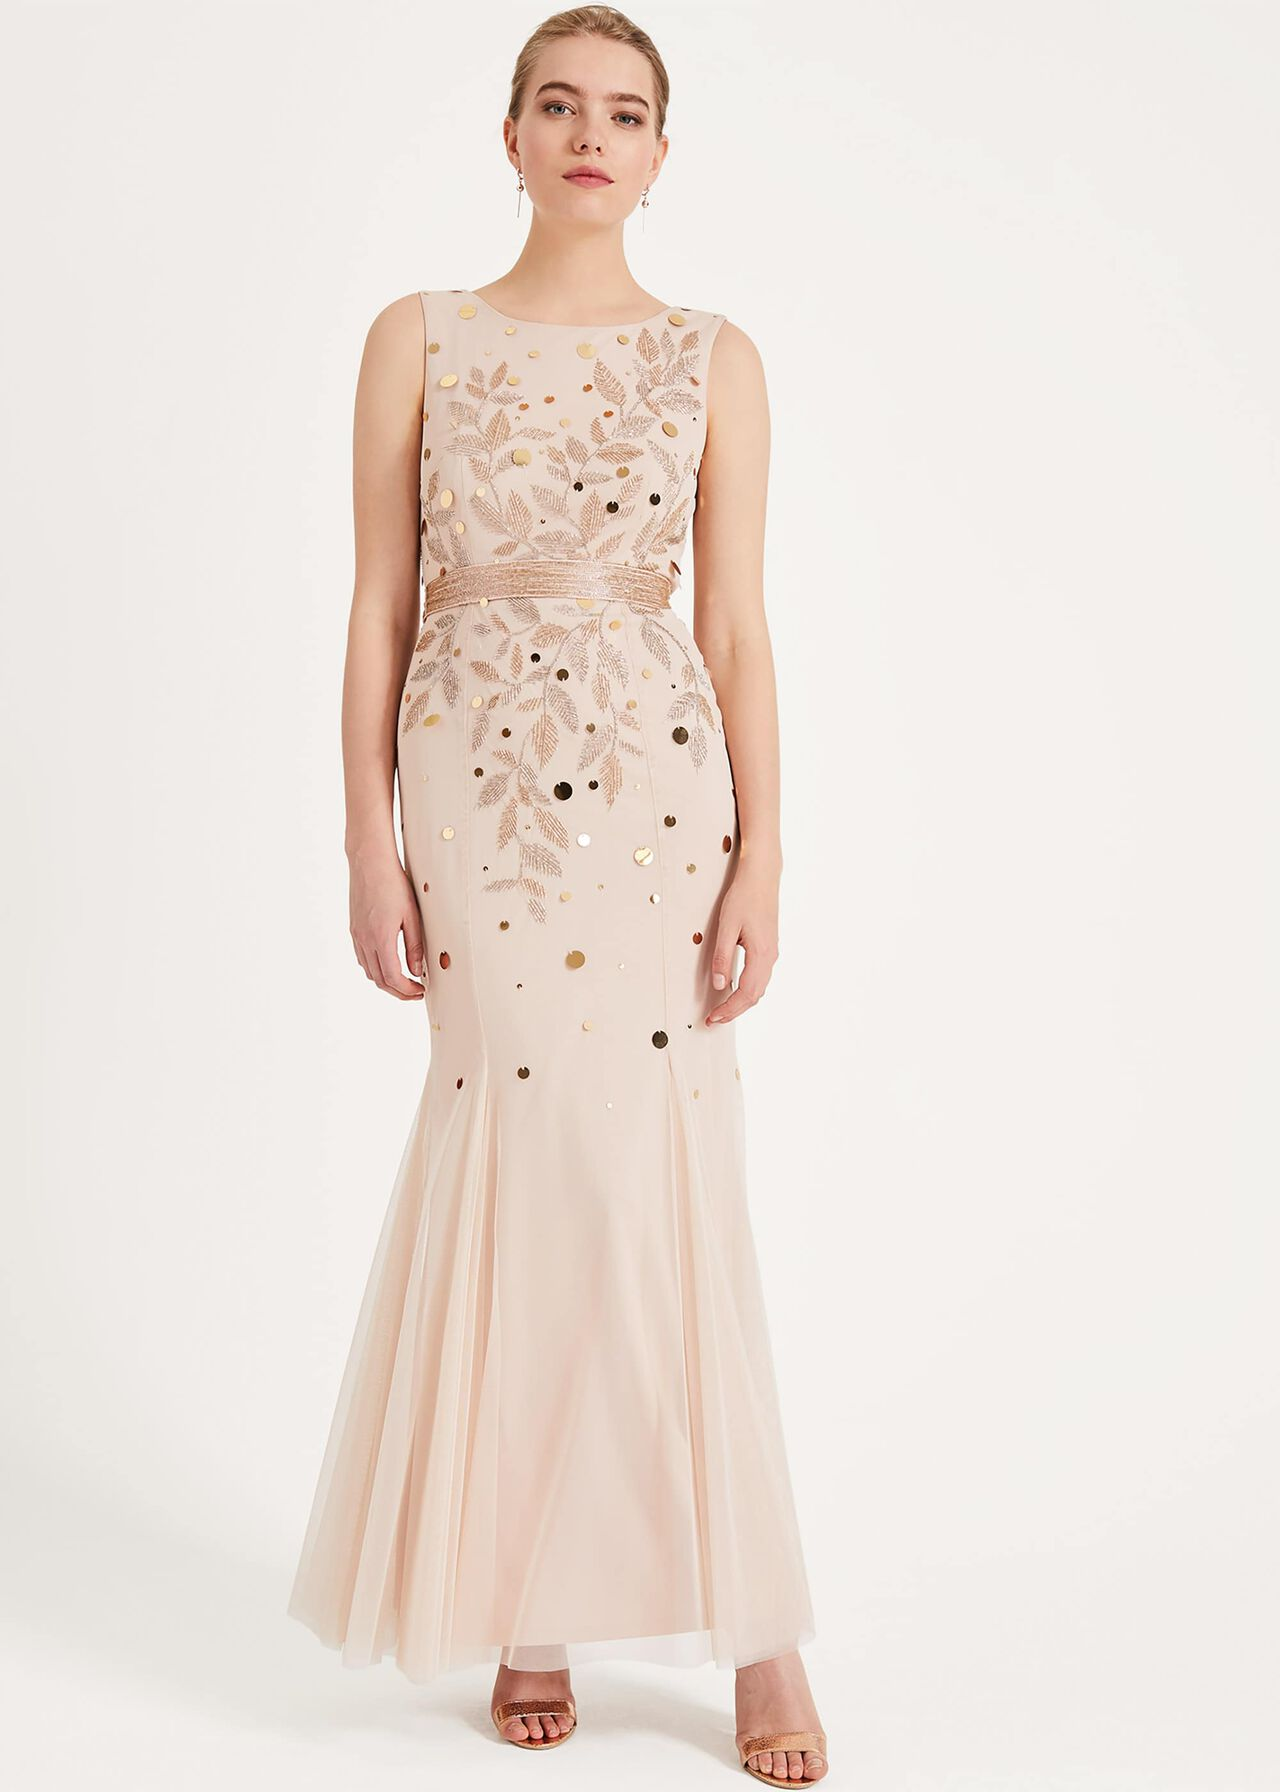 Florence Beaded Maxi Dress